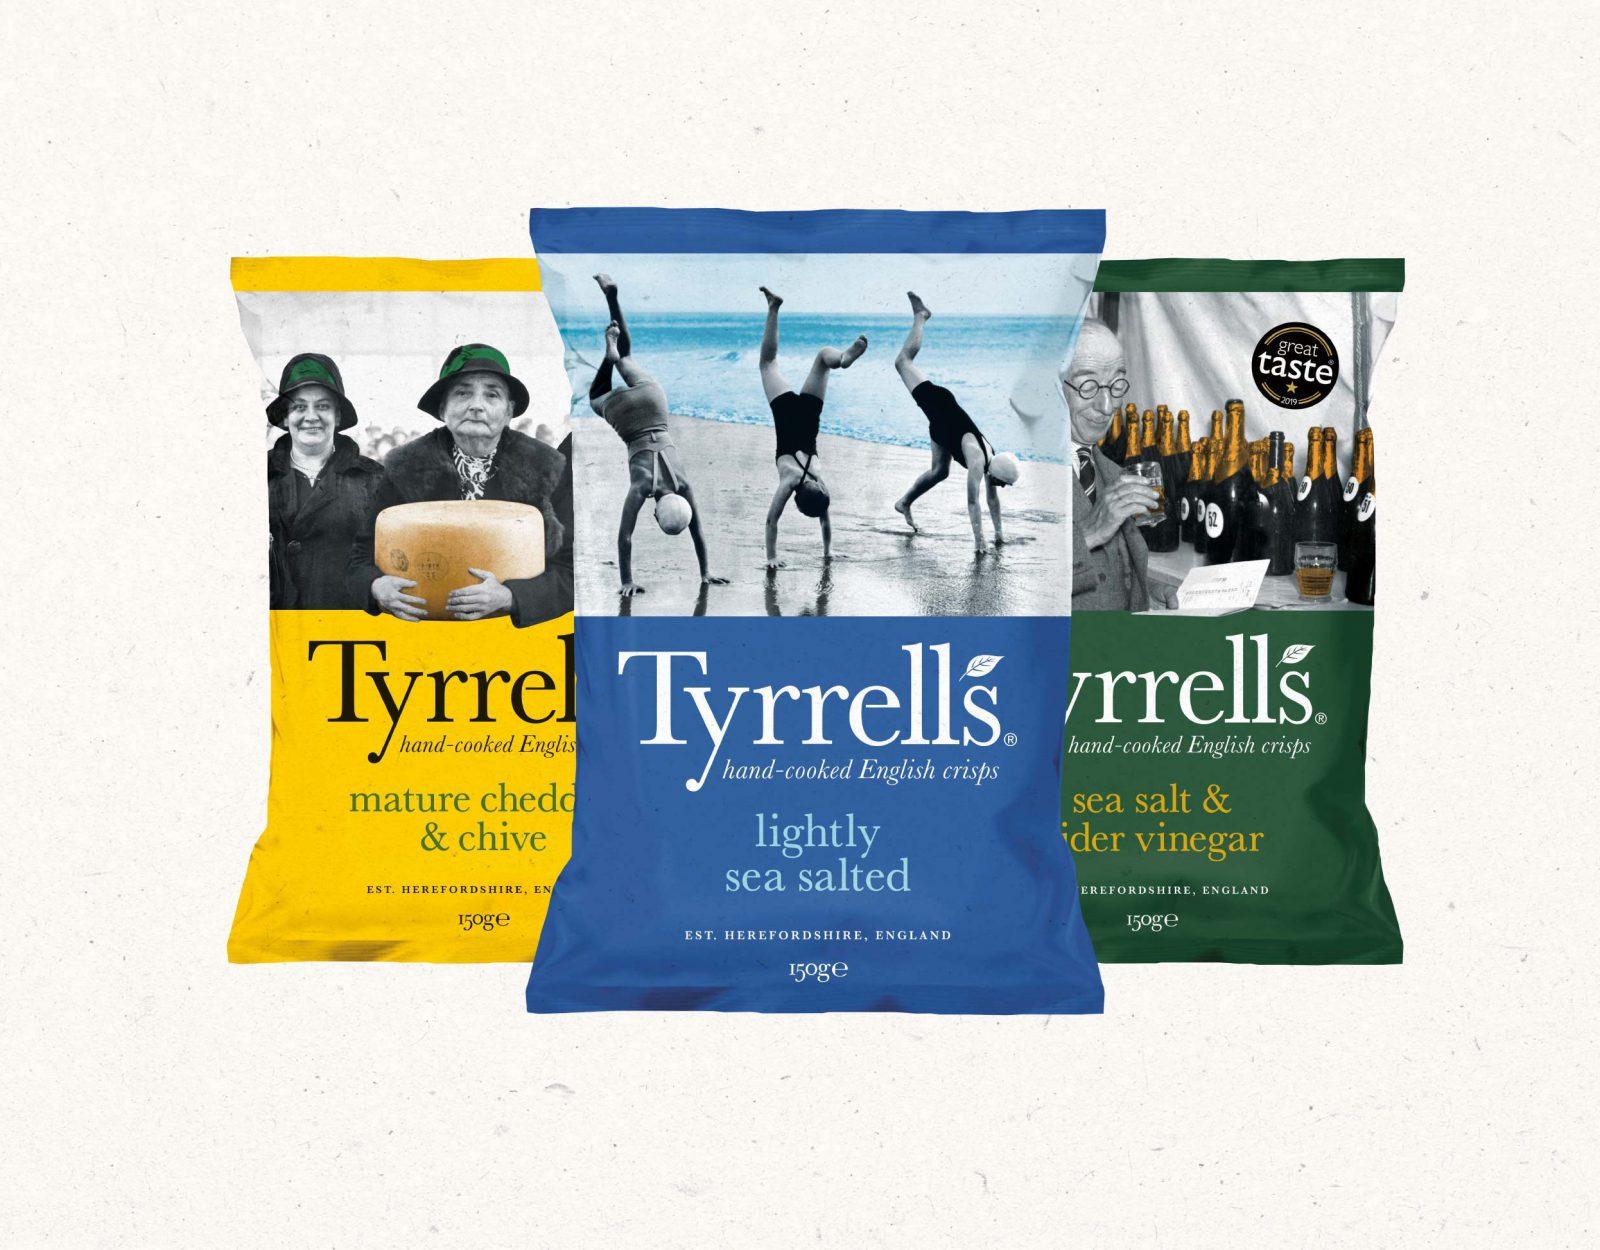 Tyrrells packaging hero